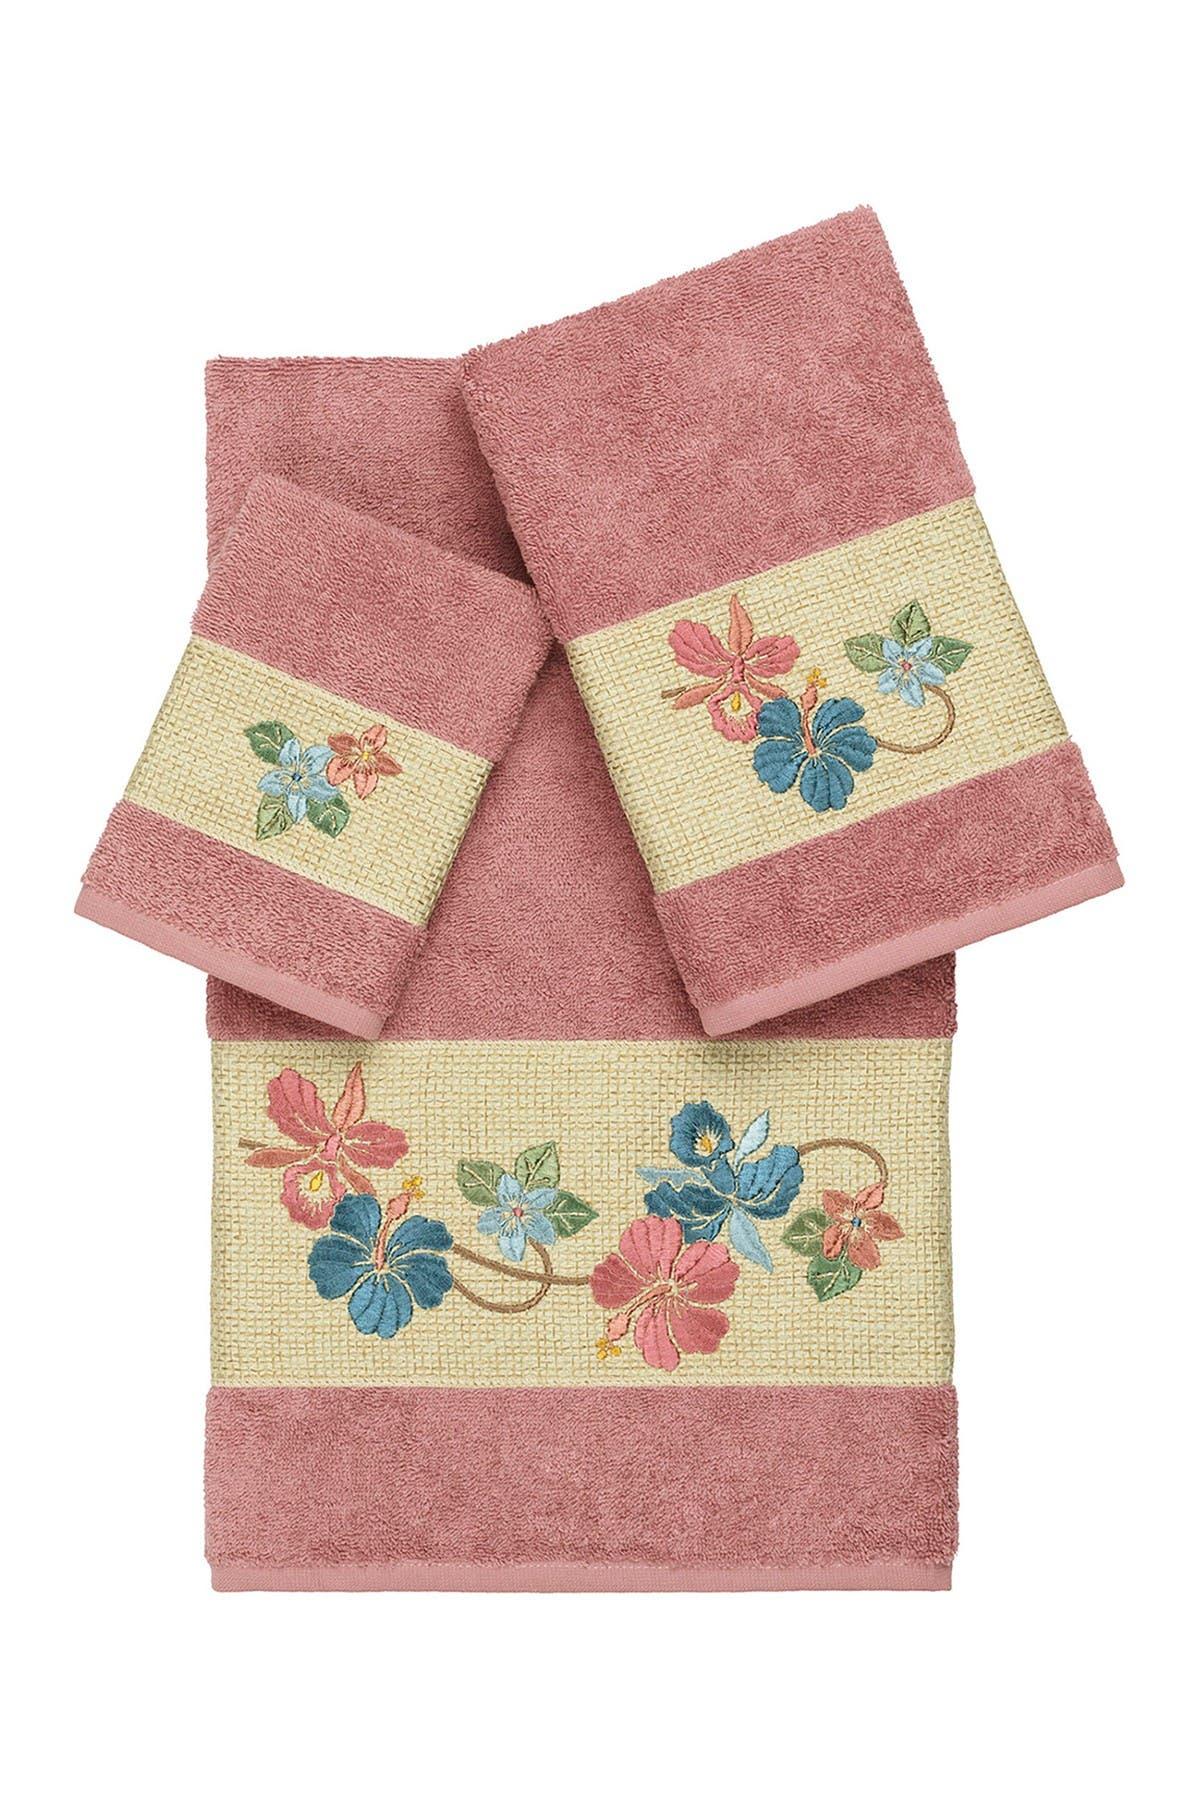 Image of LINUM HOME Caroline 3-Piece Embellished Towel Set - Tea Rose